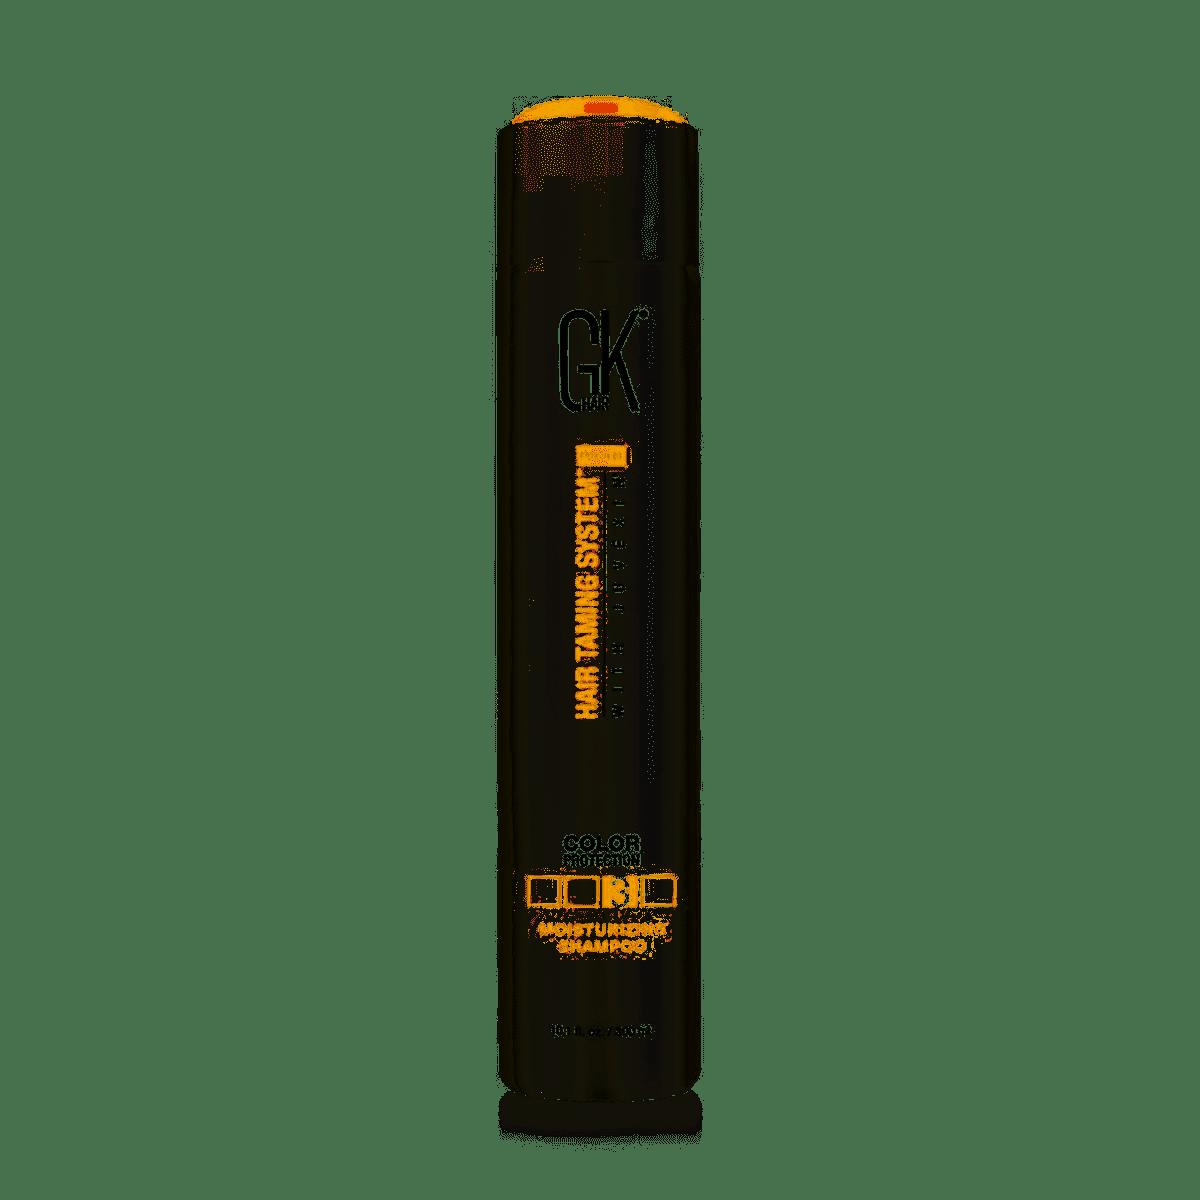 Gkhair Moisturizing Shampoo Color Protection - 300 ml